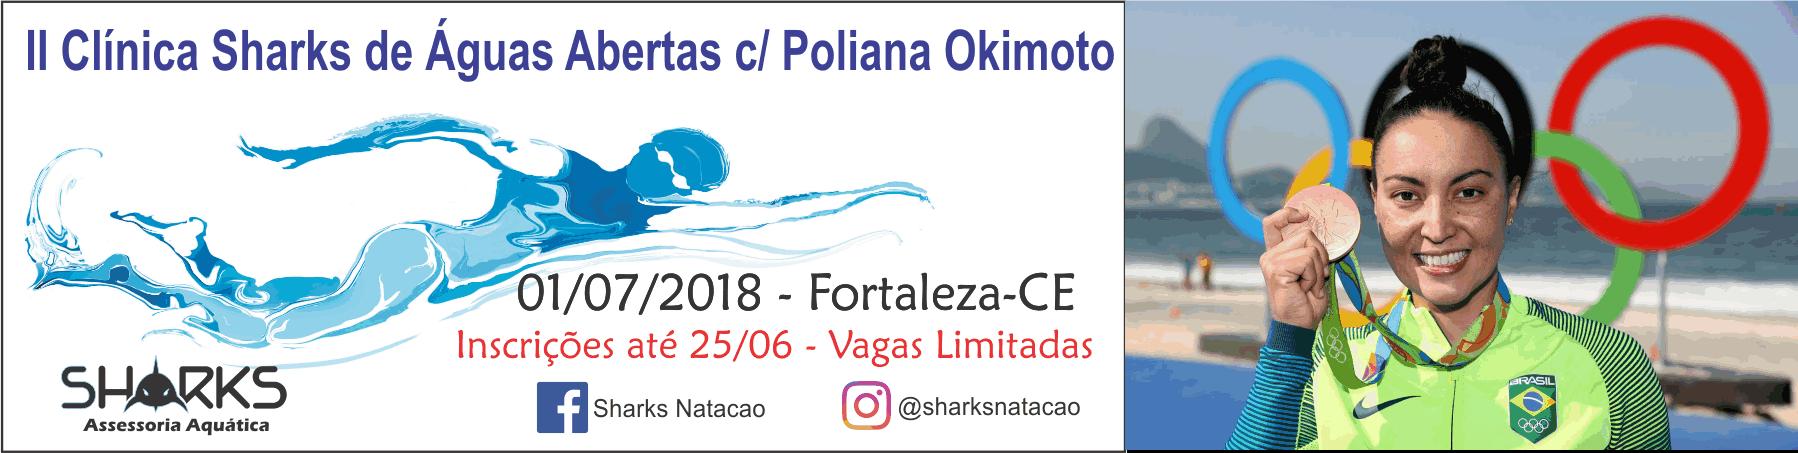 II Clinica de Águas Abertas Sharks com Poliana Okimoto - Imagem de topo